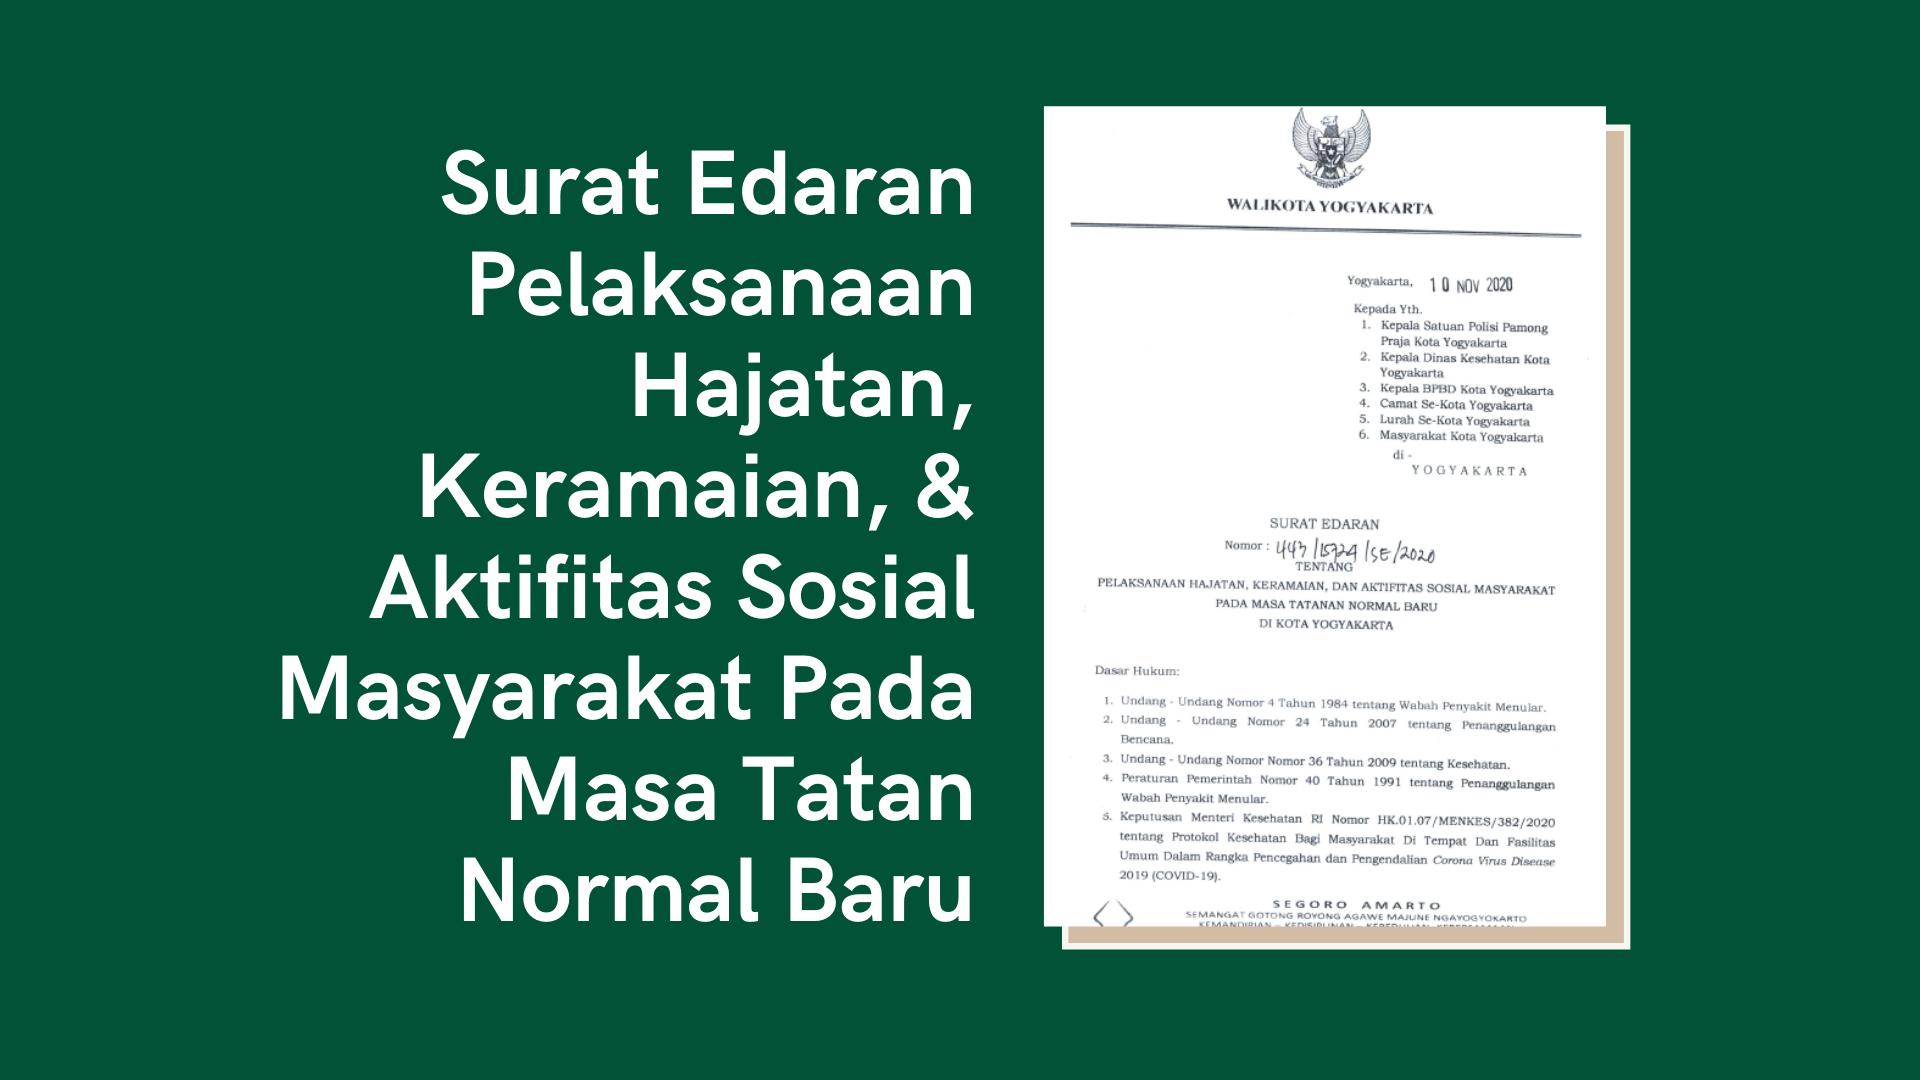 SE Walikota Tentang Pelaksanaan Hajatan, Keramaian, dan Aktifitas Sosial Msyarakat Pada Masa Tatanan Normal Baru di Kota Yogyakarta